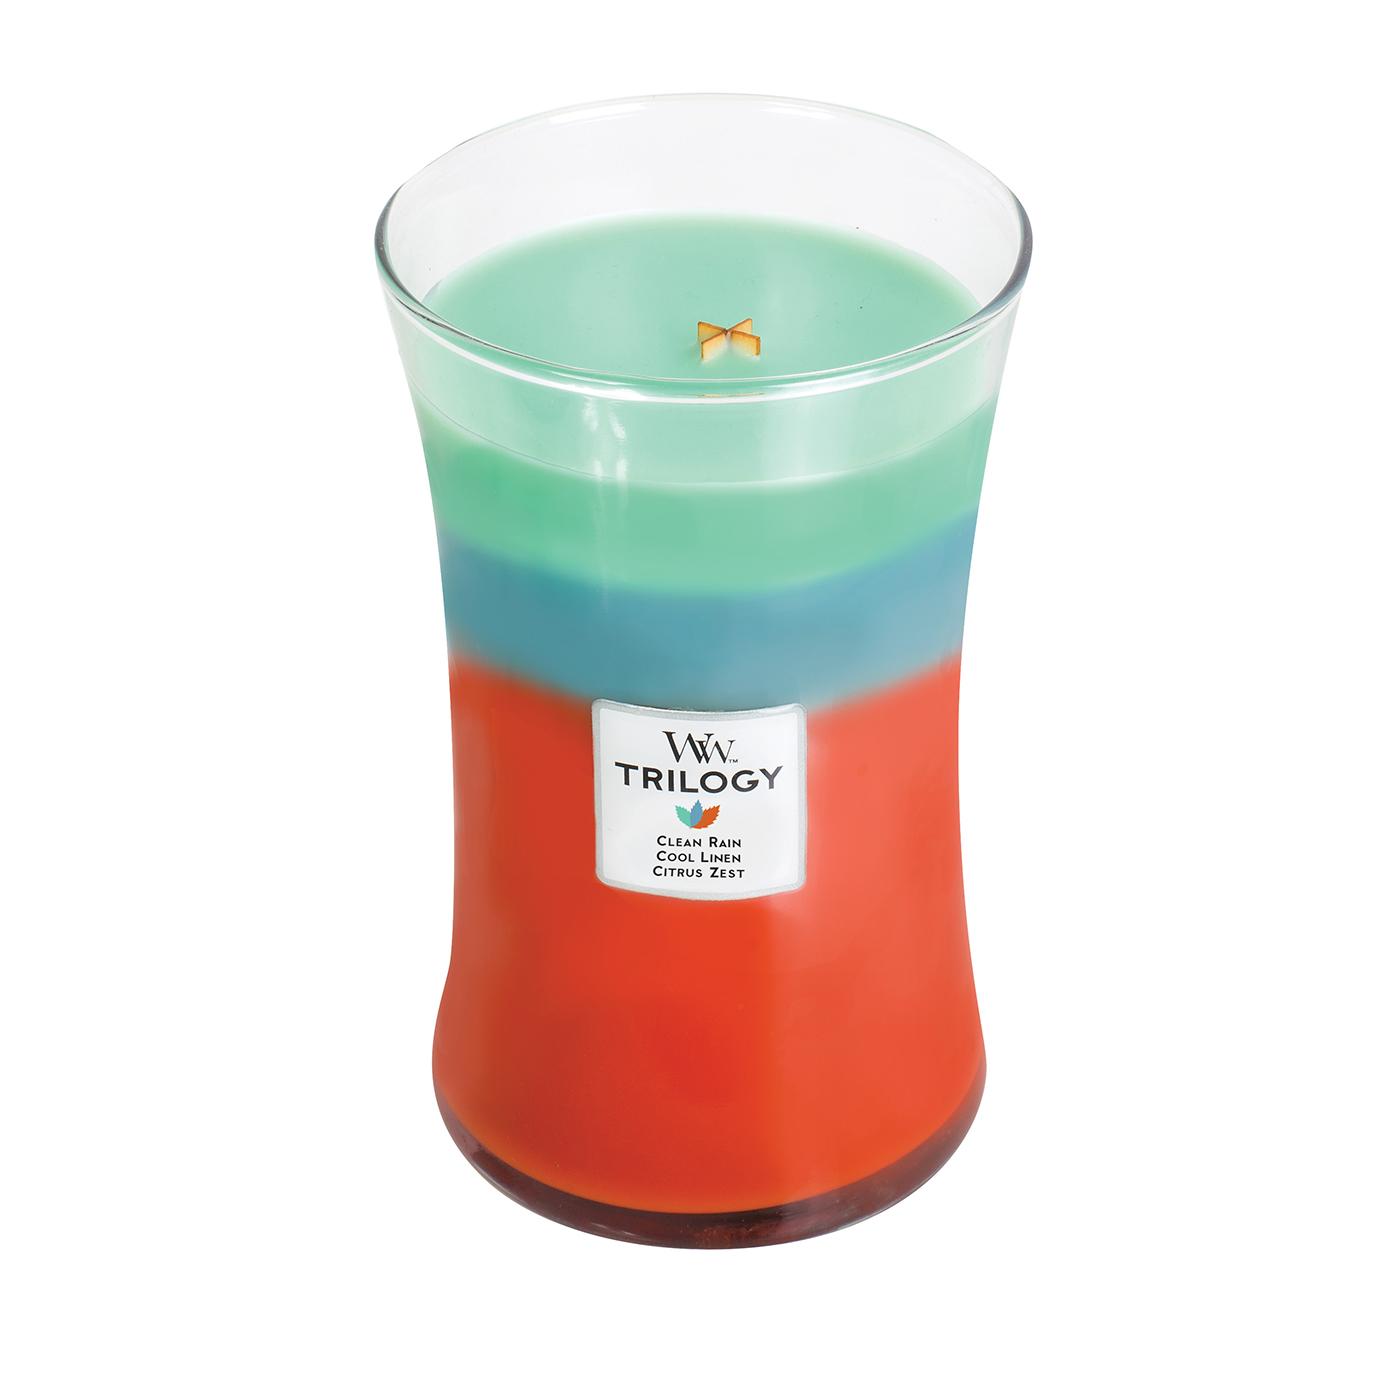 Свеча ароматизированная WoodWick Нейтрализующий аромат, тройная, высота 18 см свеча ароматизированная woodwick экзотические пряности тройная высота 11 см